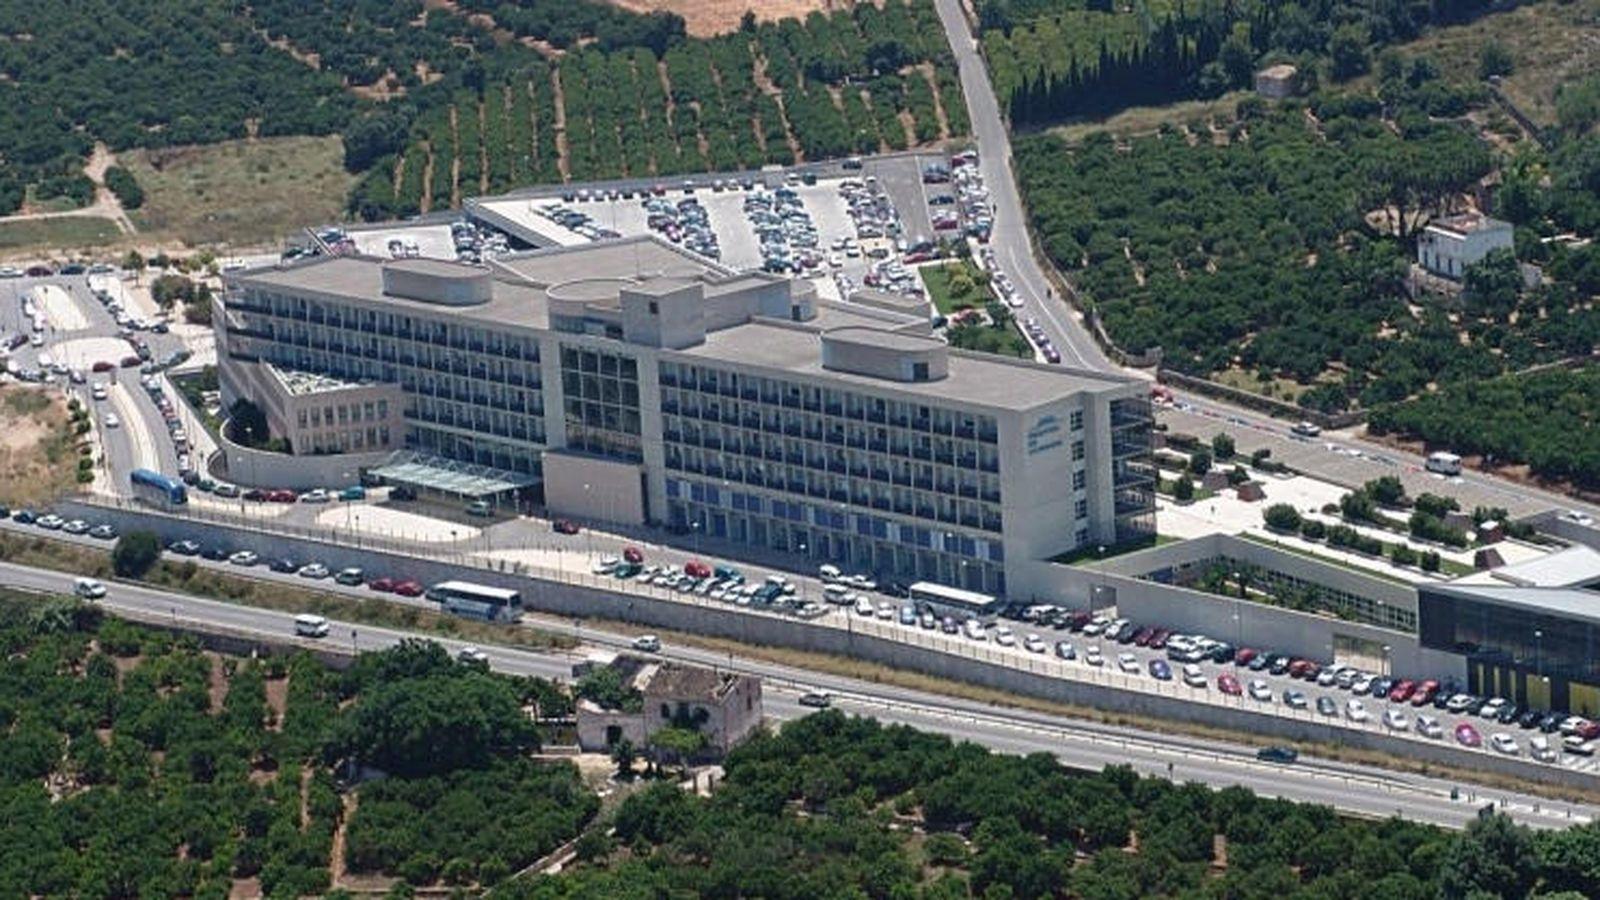 Foto: Hospital Universitario de la Ribera, que gestiona Ribera Salud en Alzira. (RB)